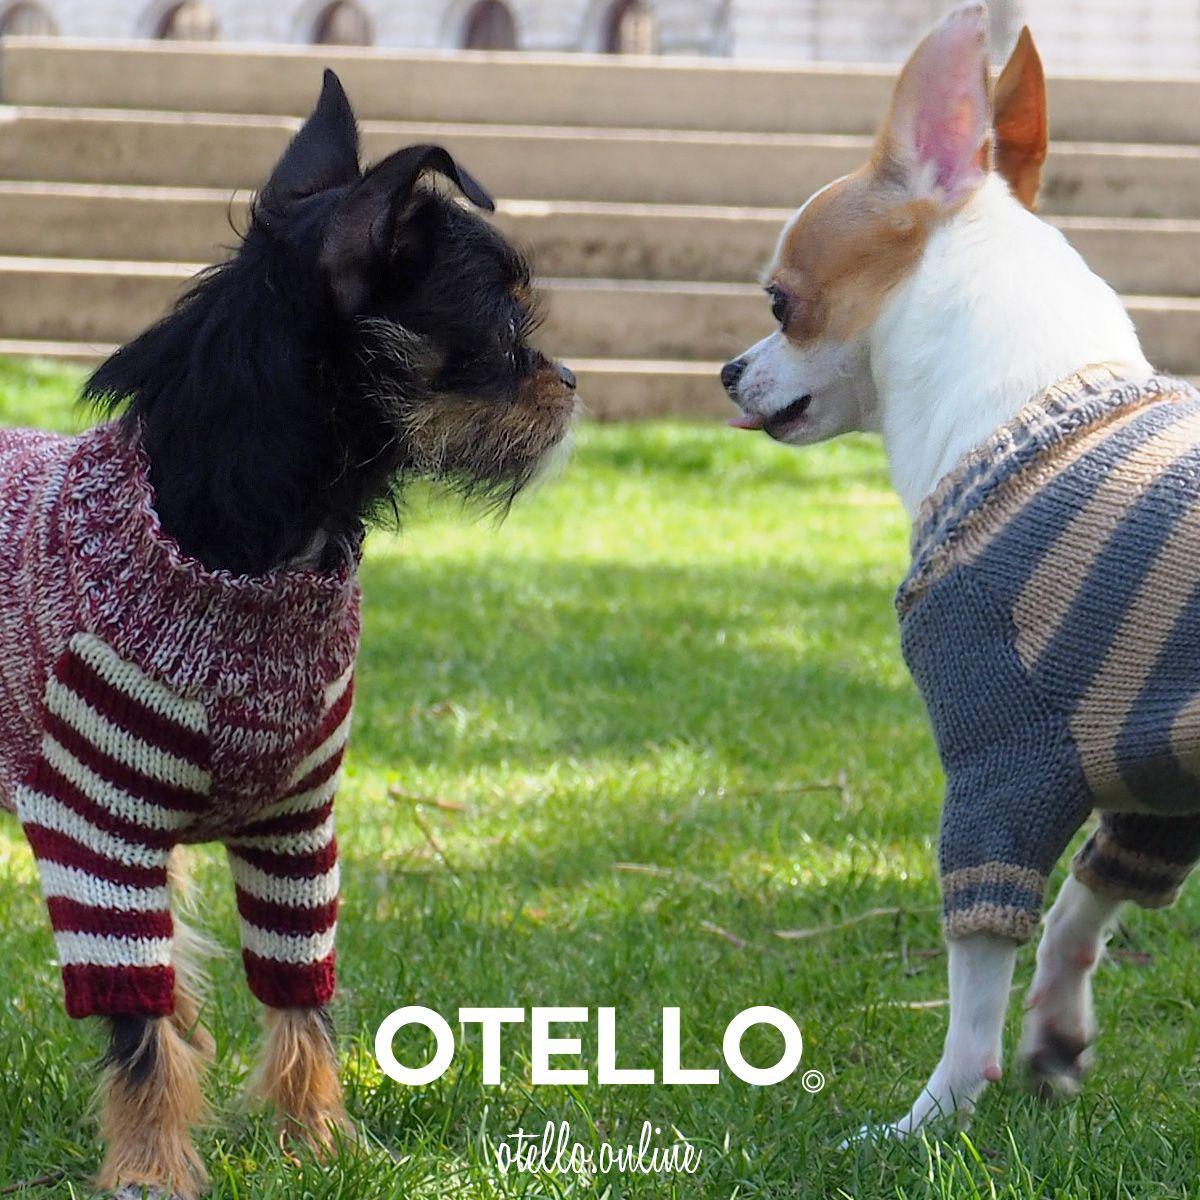 Dogs do speak OTELLO. The Dog Pullover Hunde pullover